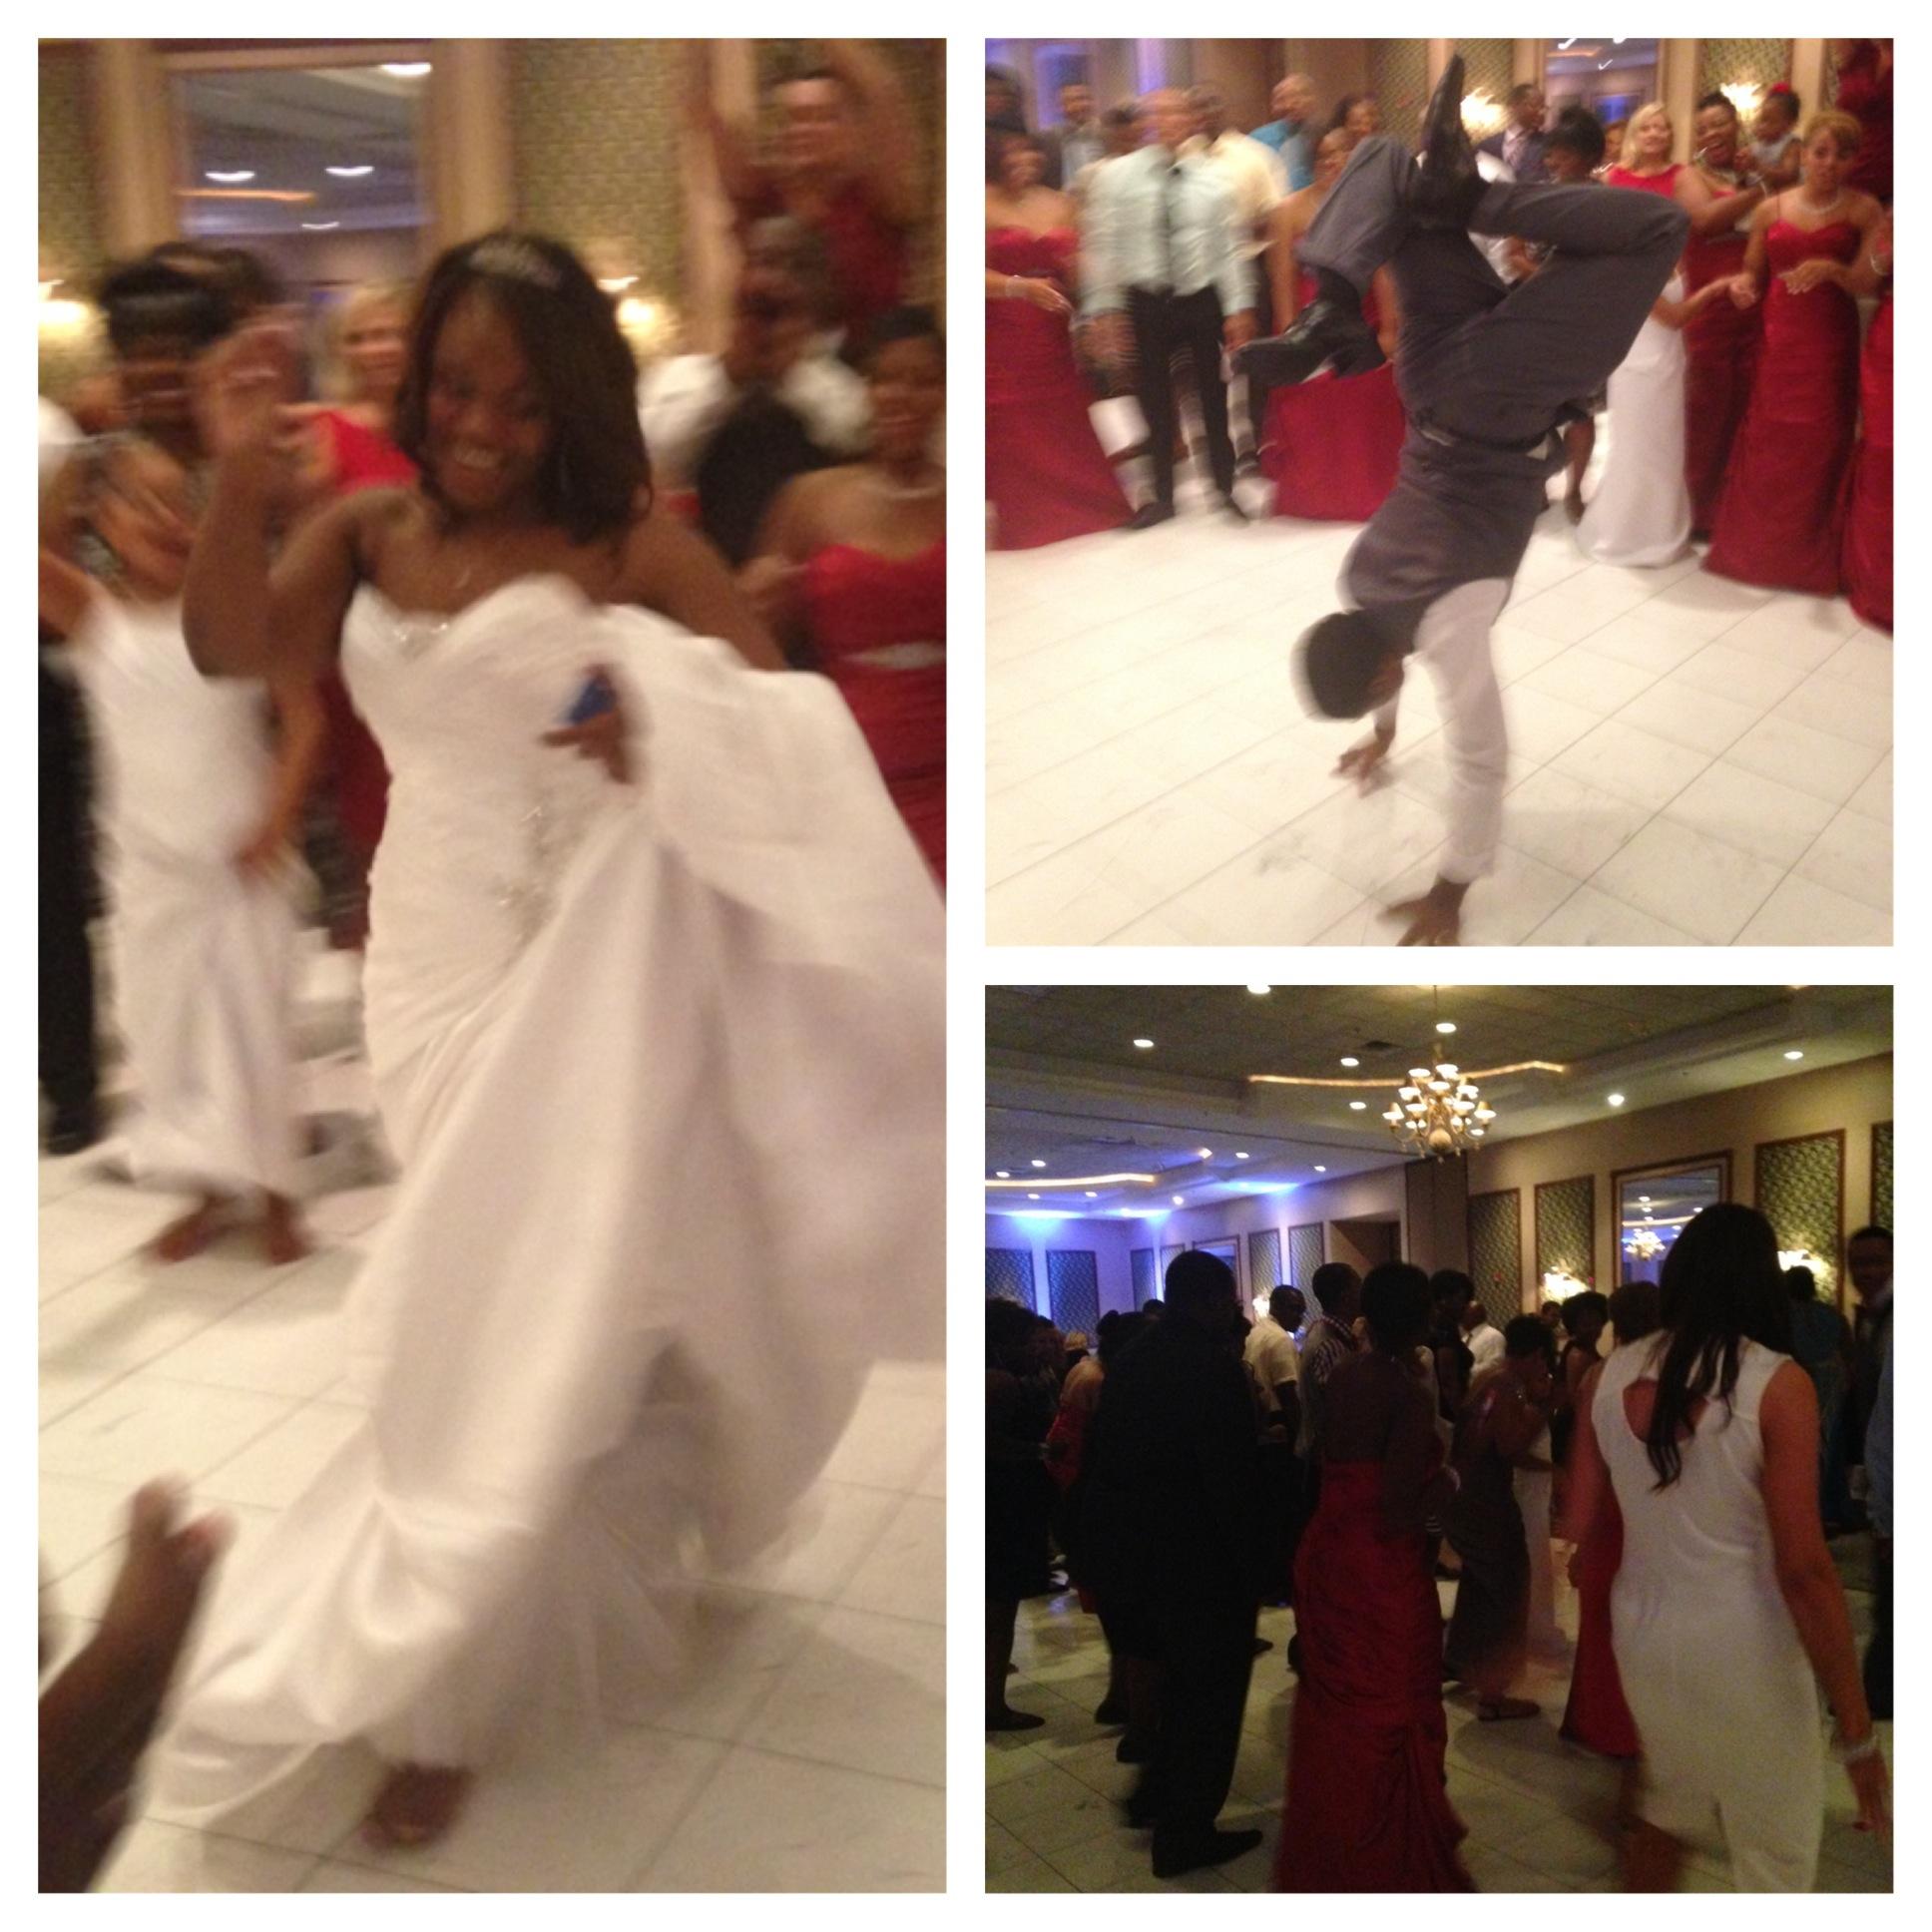 dancing pic.jpg